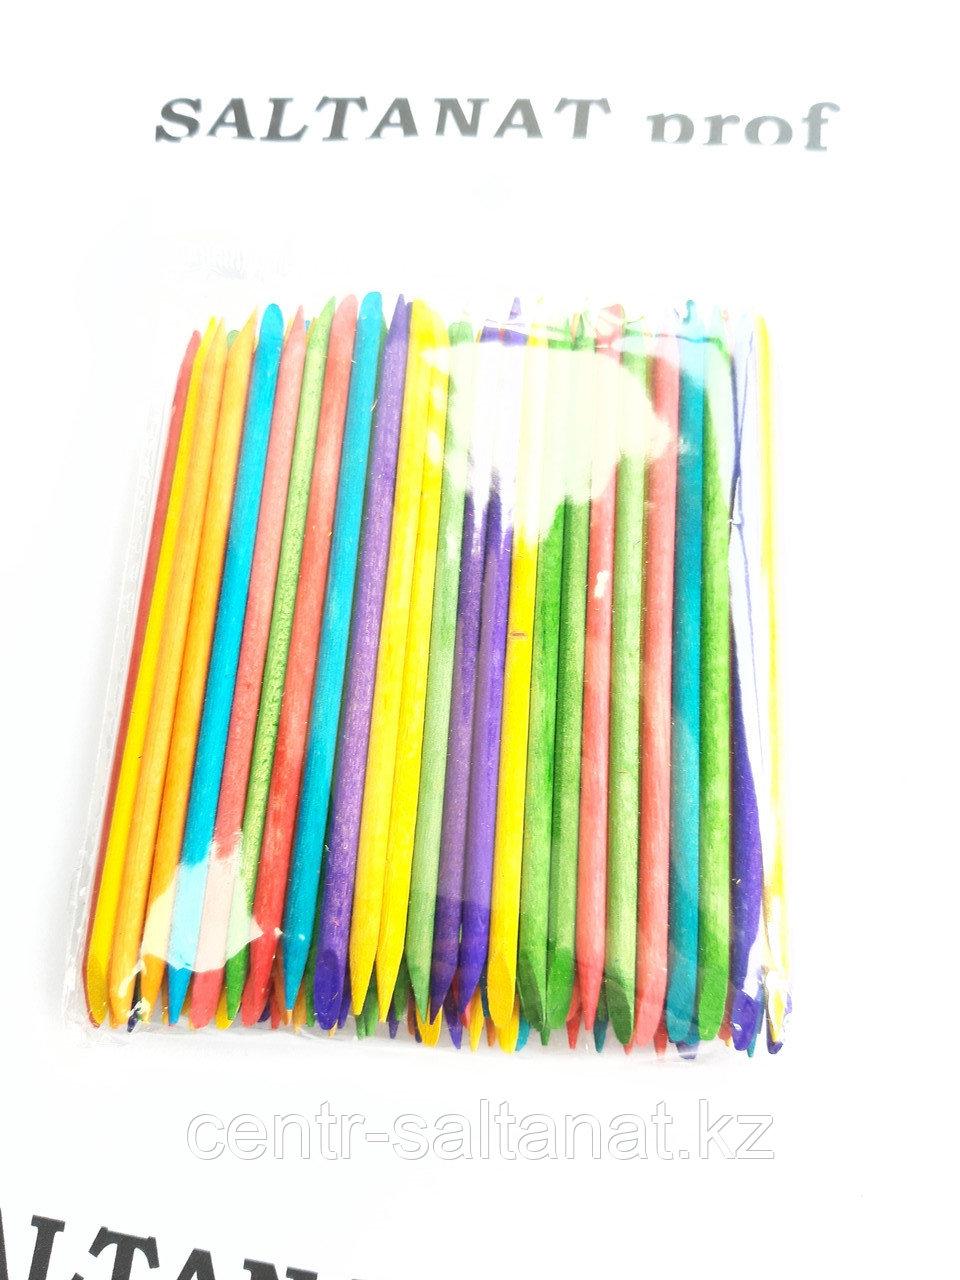 Апельсиновые палочки 50 шт для маникюра цветные